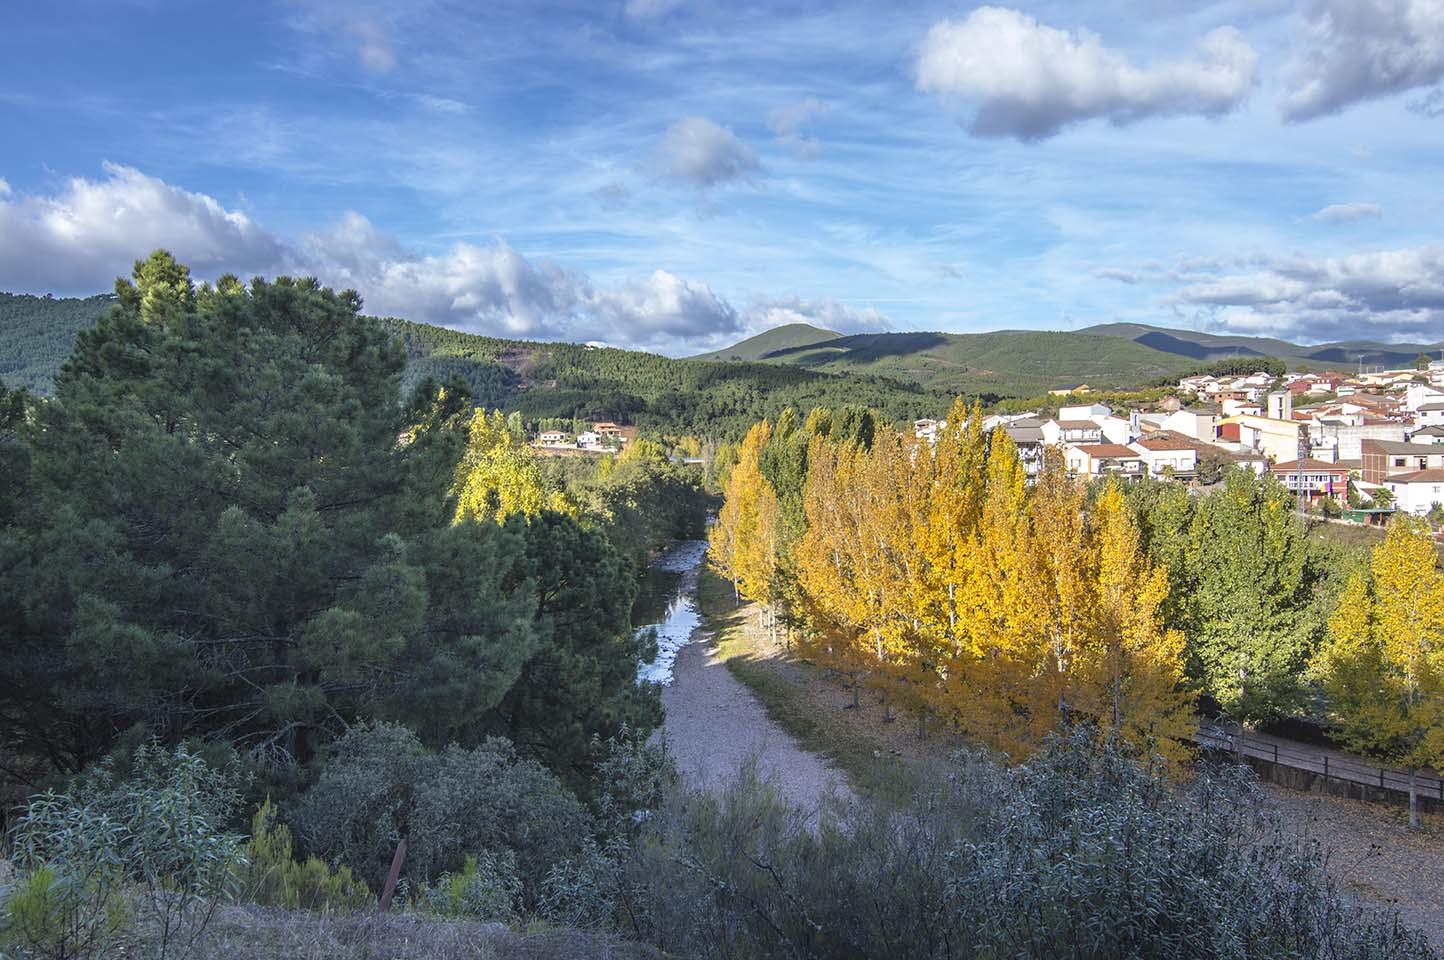 Ruta senderismo al mirador del Teso de la Vega, Pinofranqueado, Las Hurdes